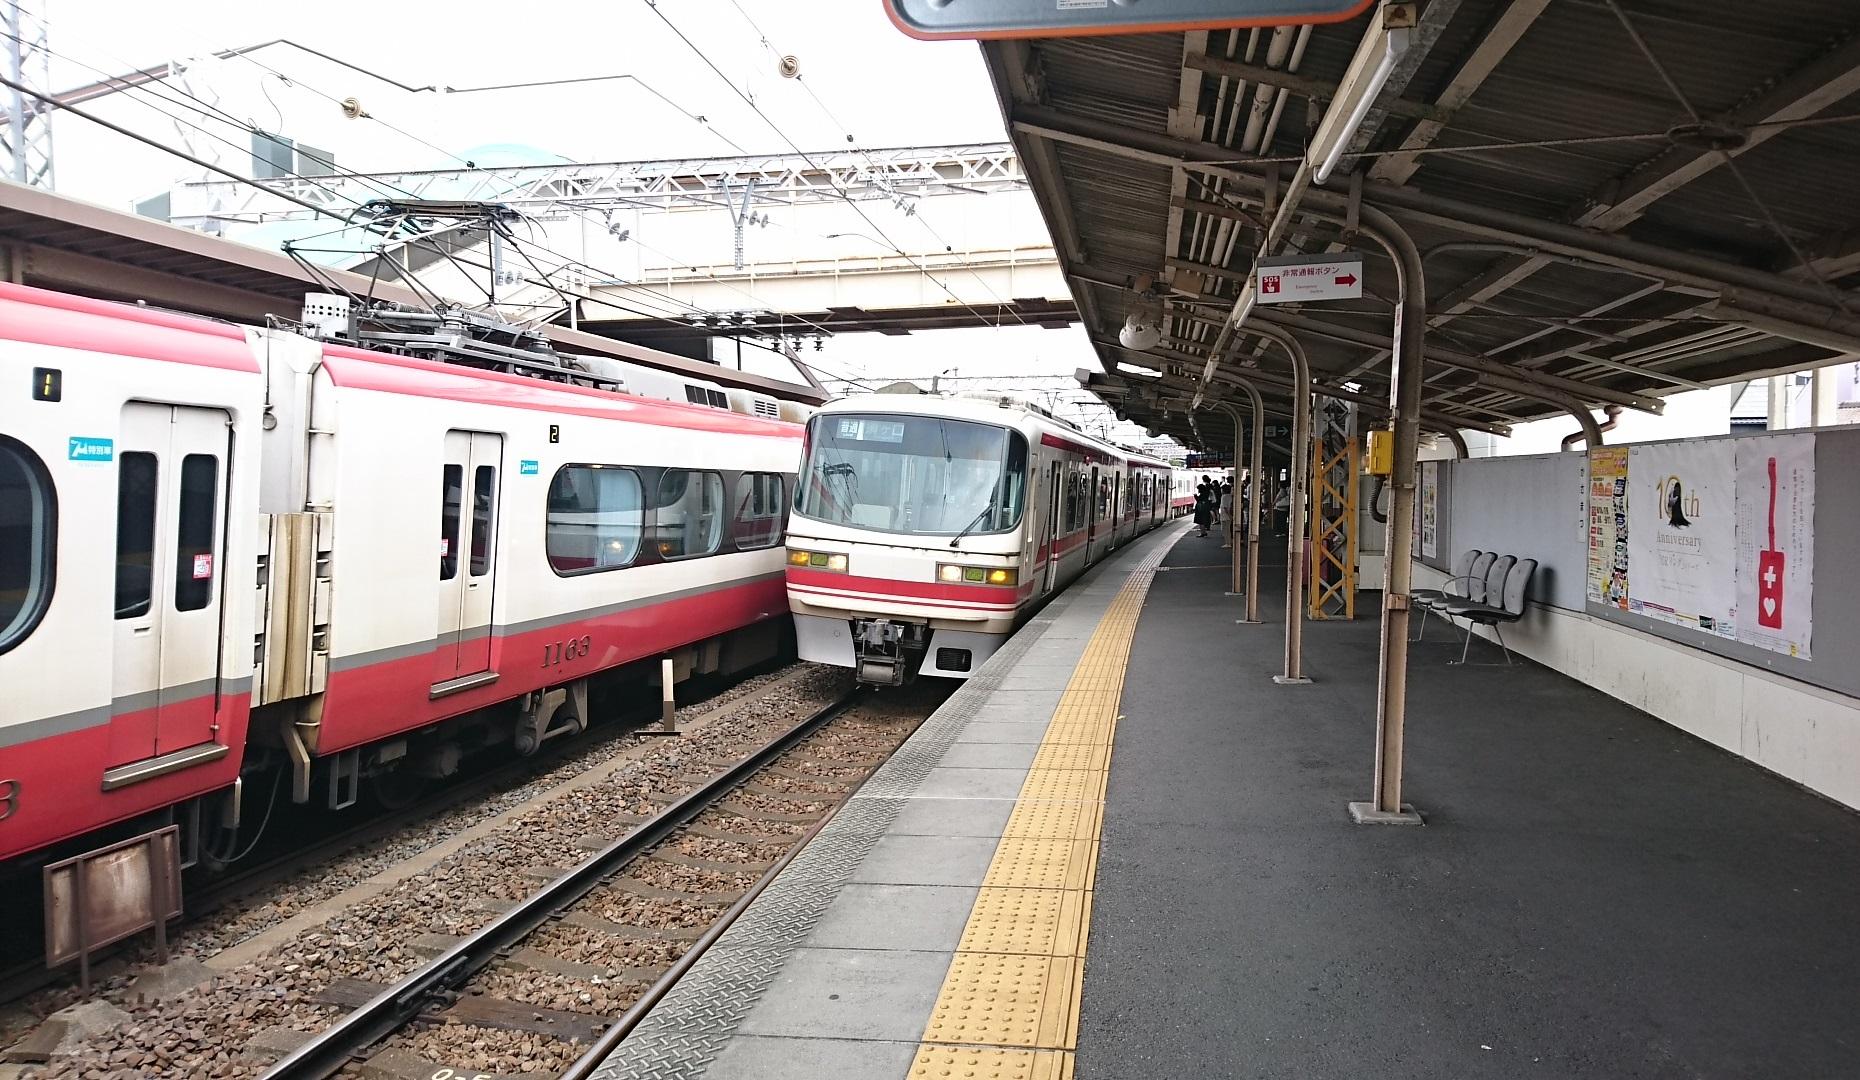 2017.8.3 笠松 (35) 笠松 - 須ヶ口いきふつう 1860-1080